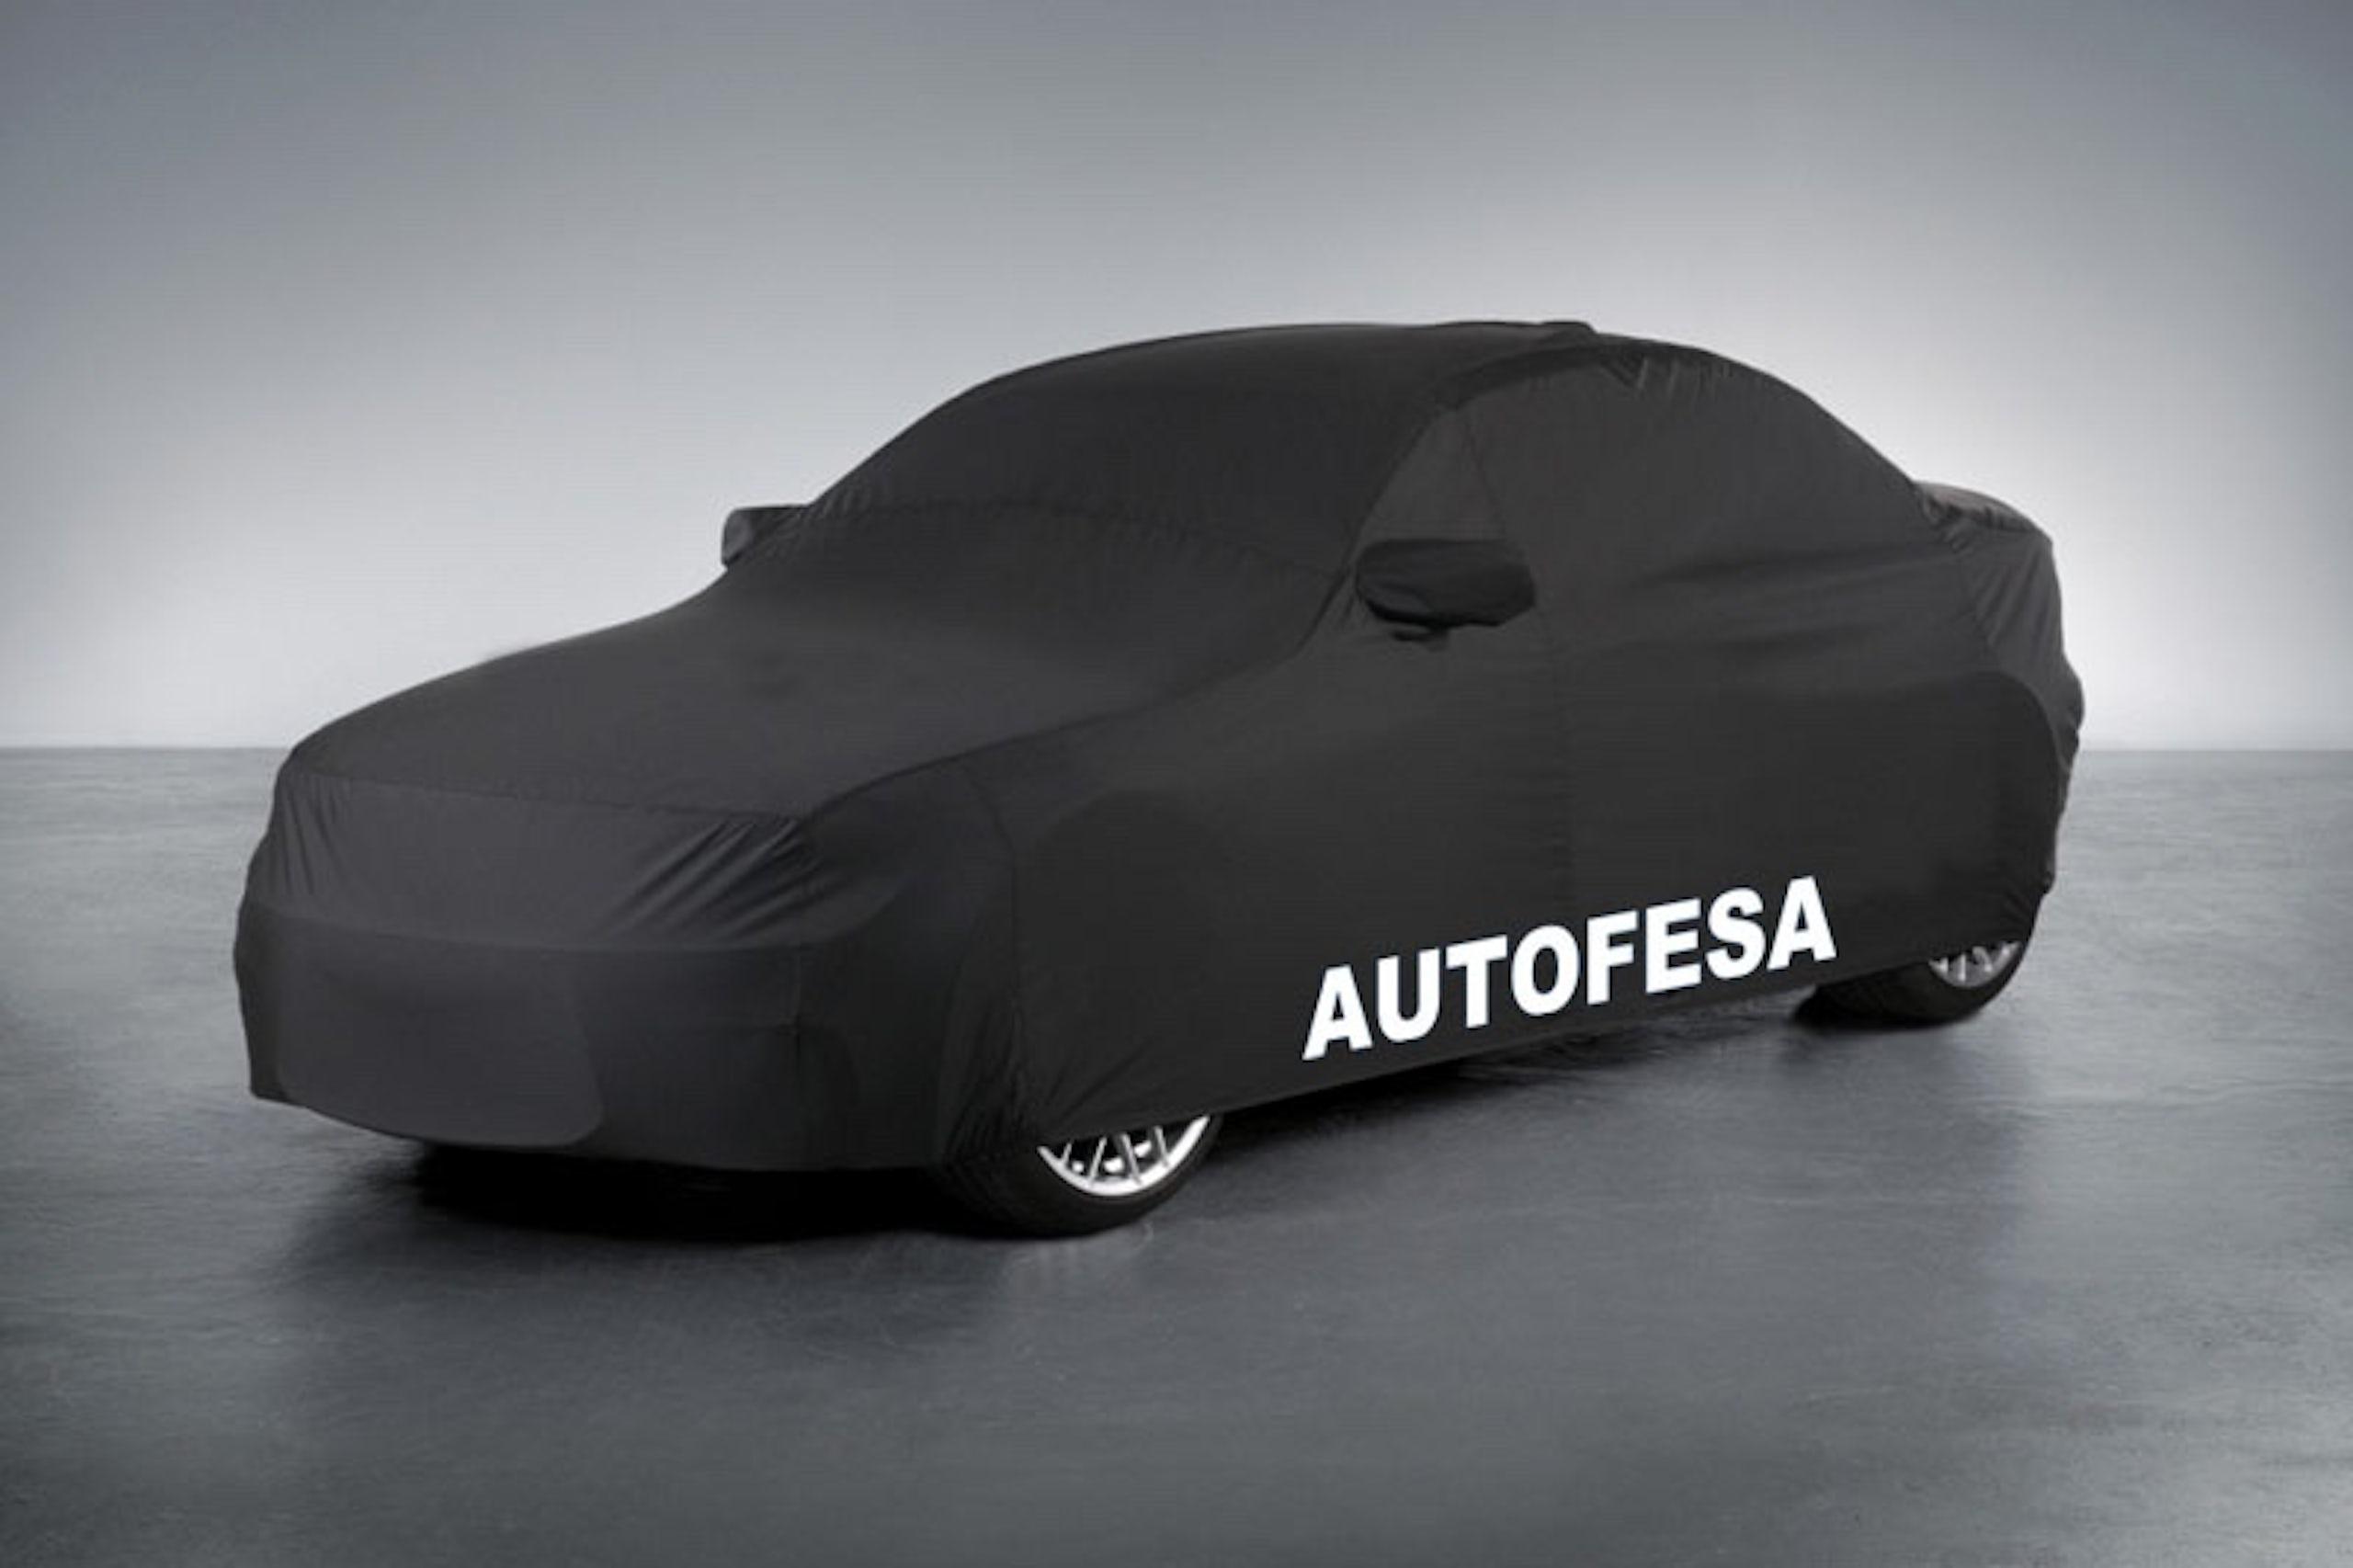 Mercedes-benz GLA 250 2.0 DCT 211cv AMG 4MATIC 7G Auto - Foto 1